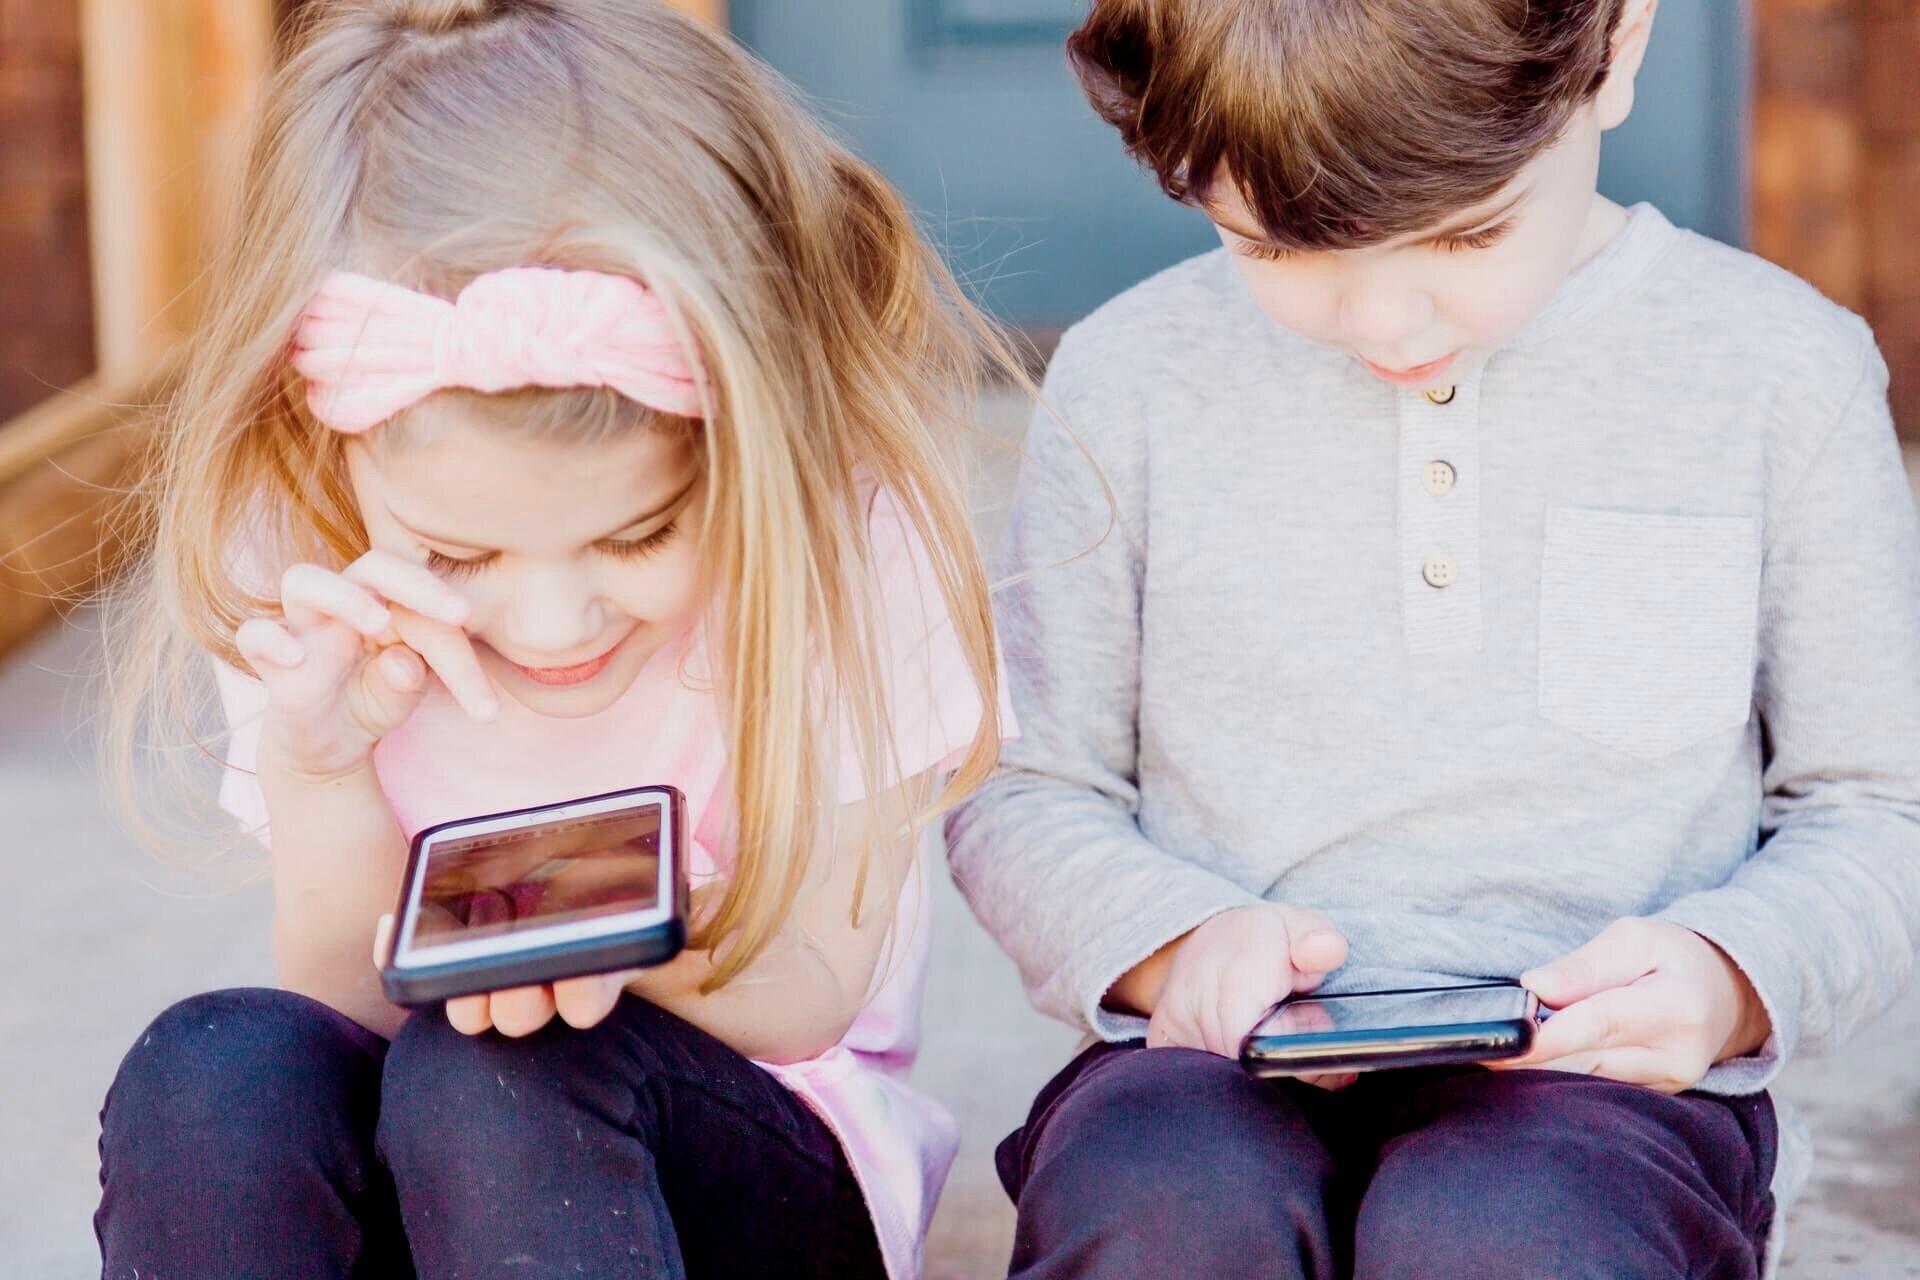 minimalray-minimalist-digital-minimalism-kids-phone-addiction.jpg